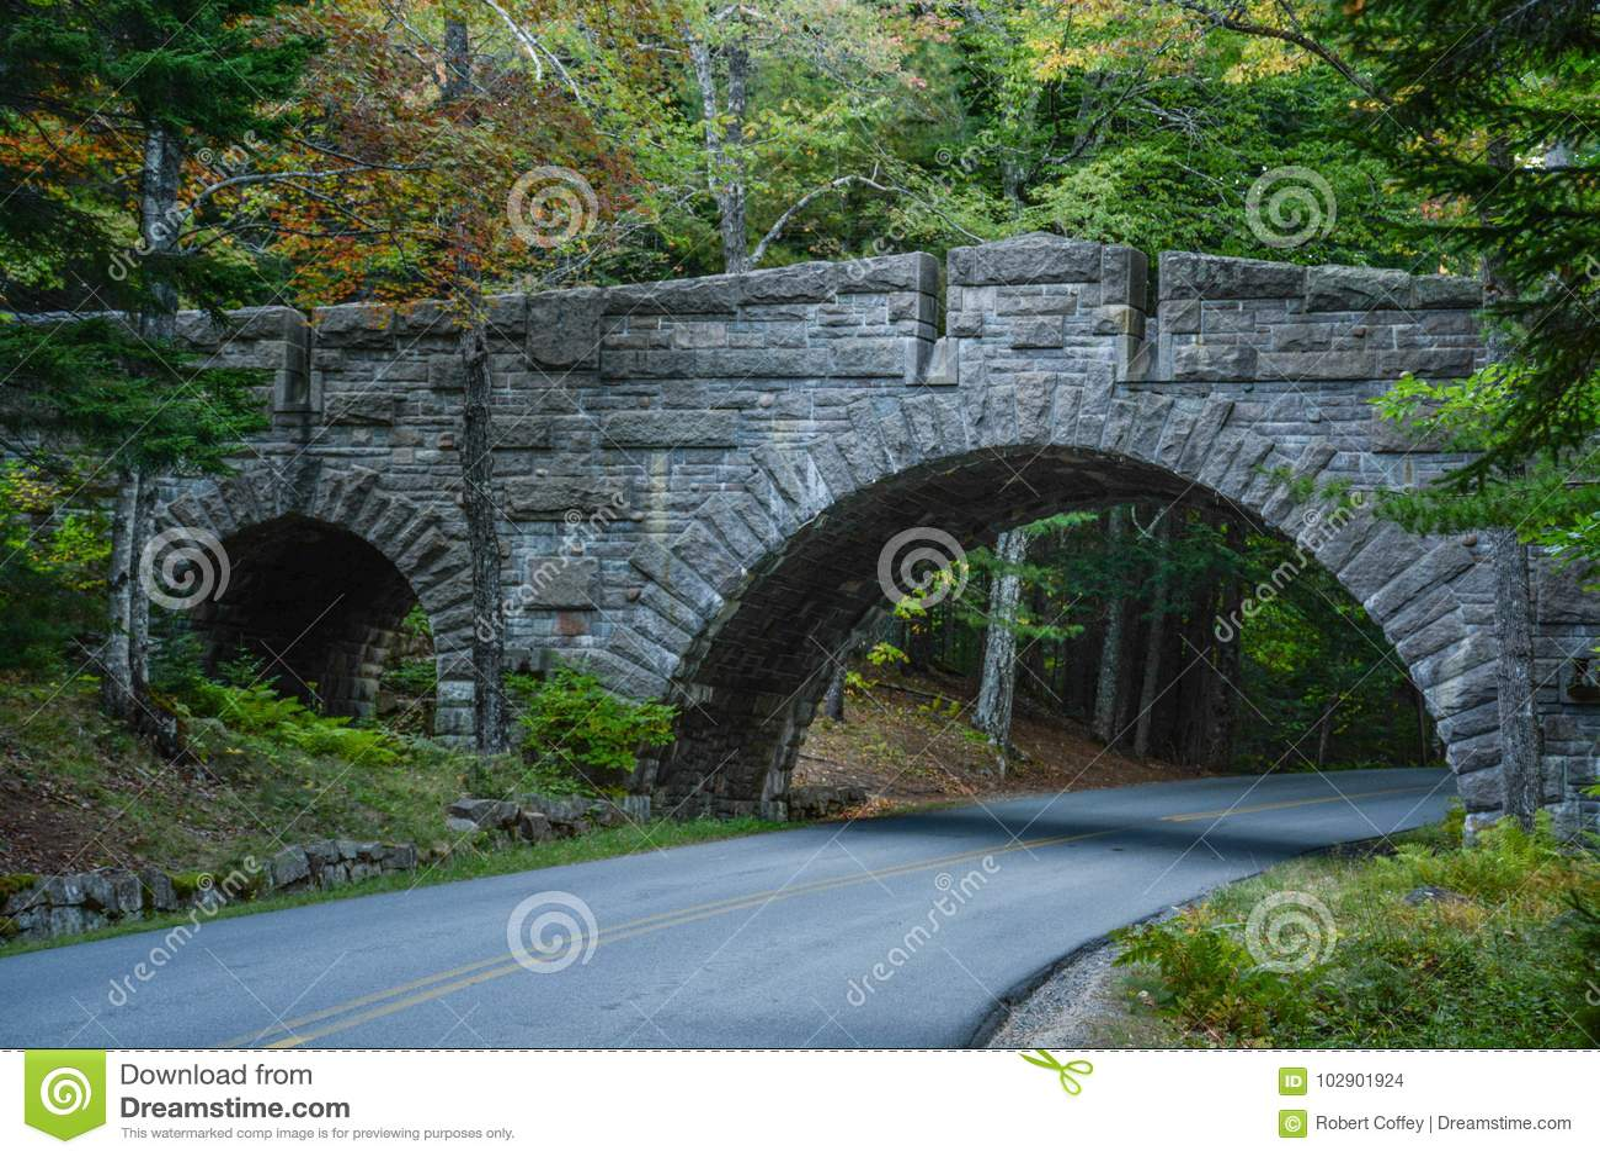 慢车道桥梁